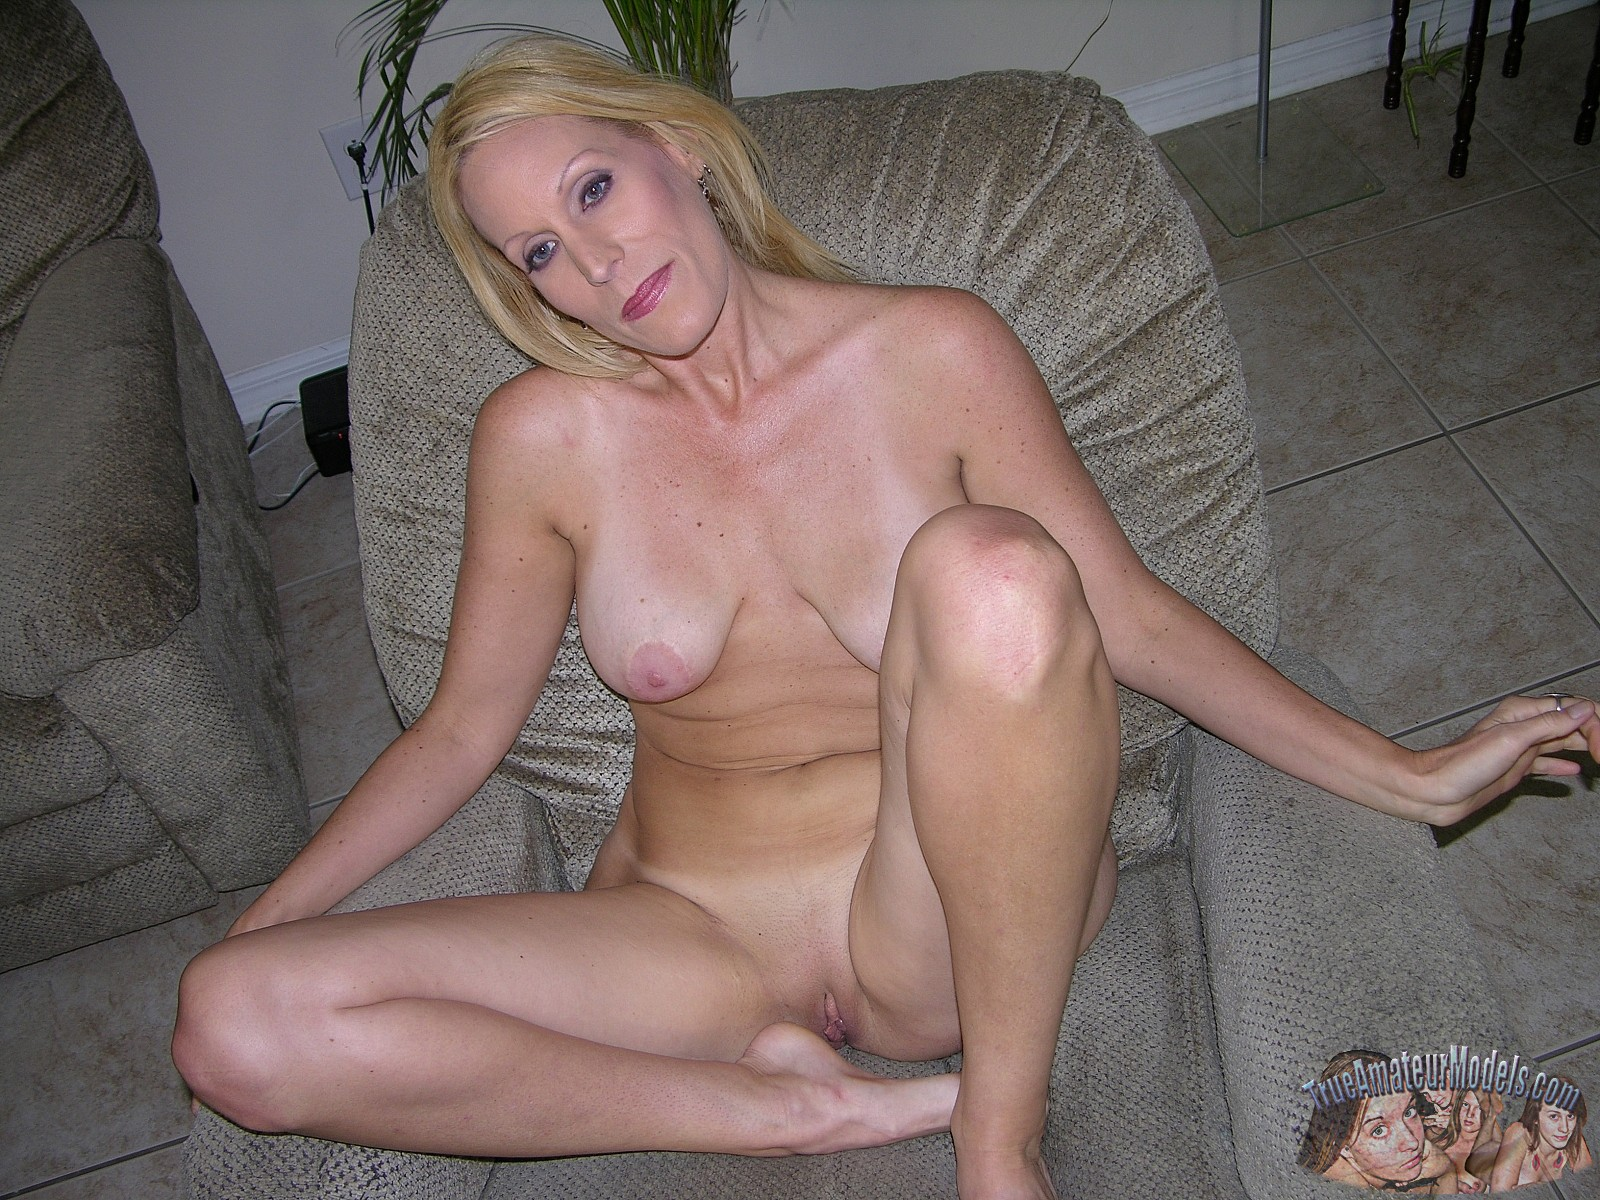 Ass eating anal sex